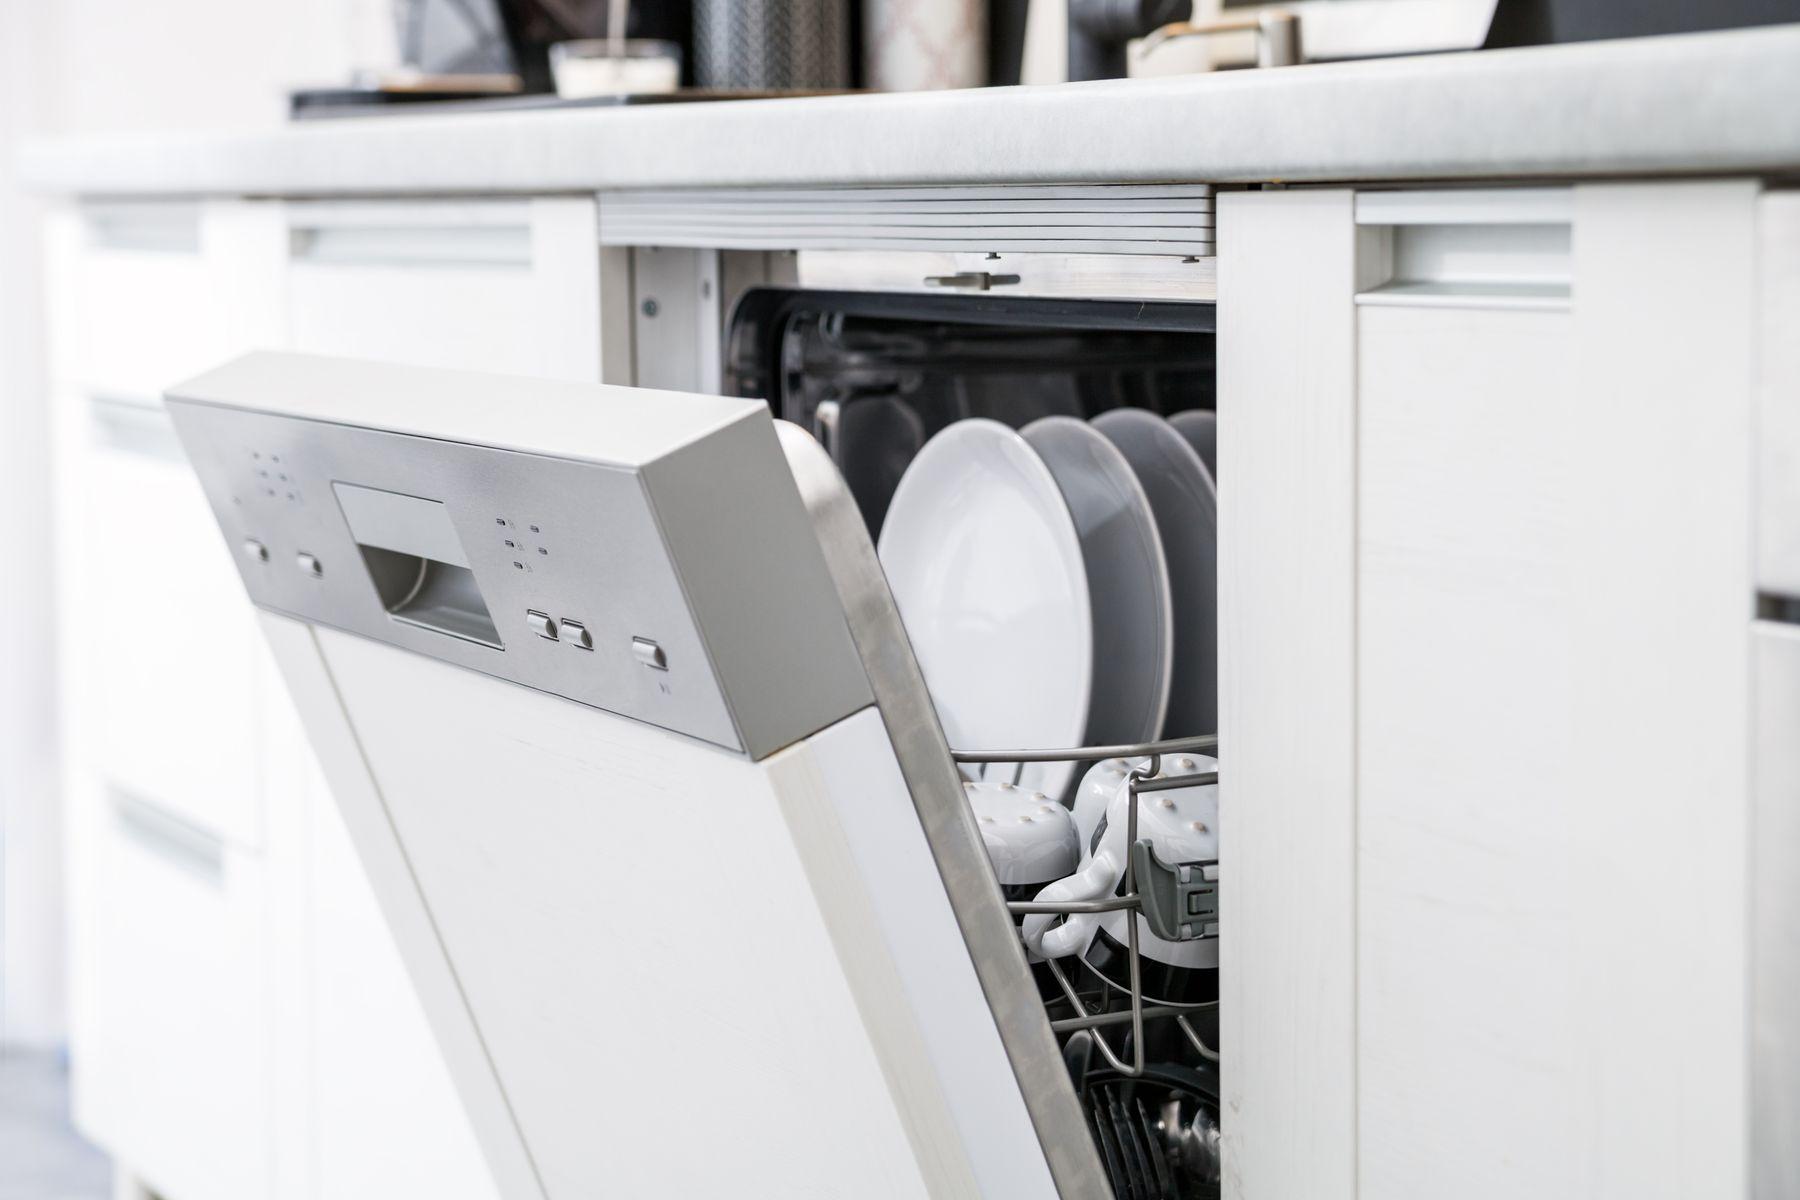 Máy rửa bát không sạch: Nguyên nhân và 3 cách xử lý hết mùi hôi